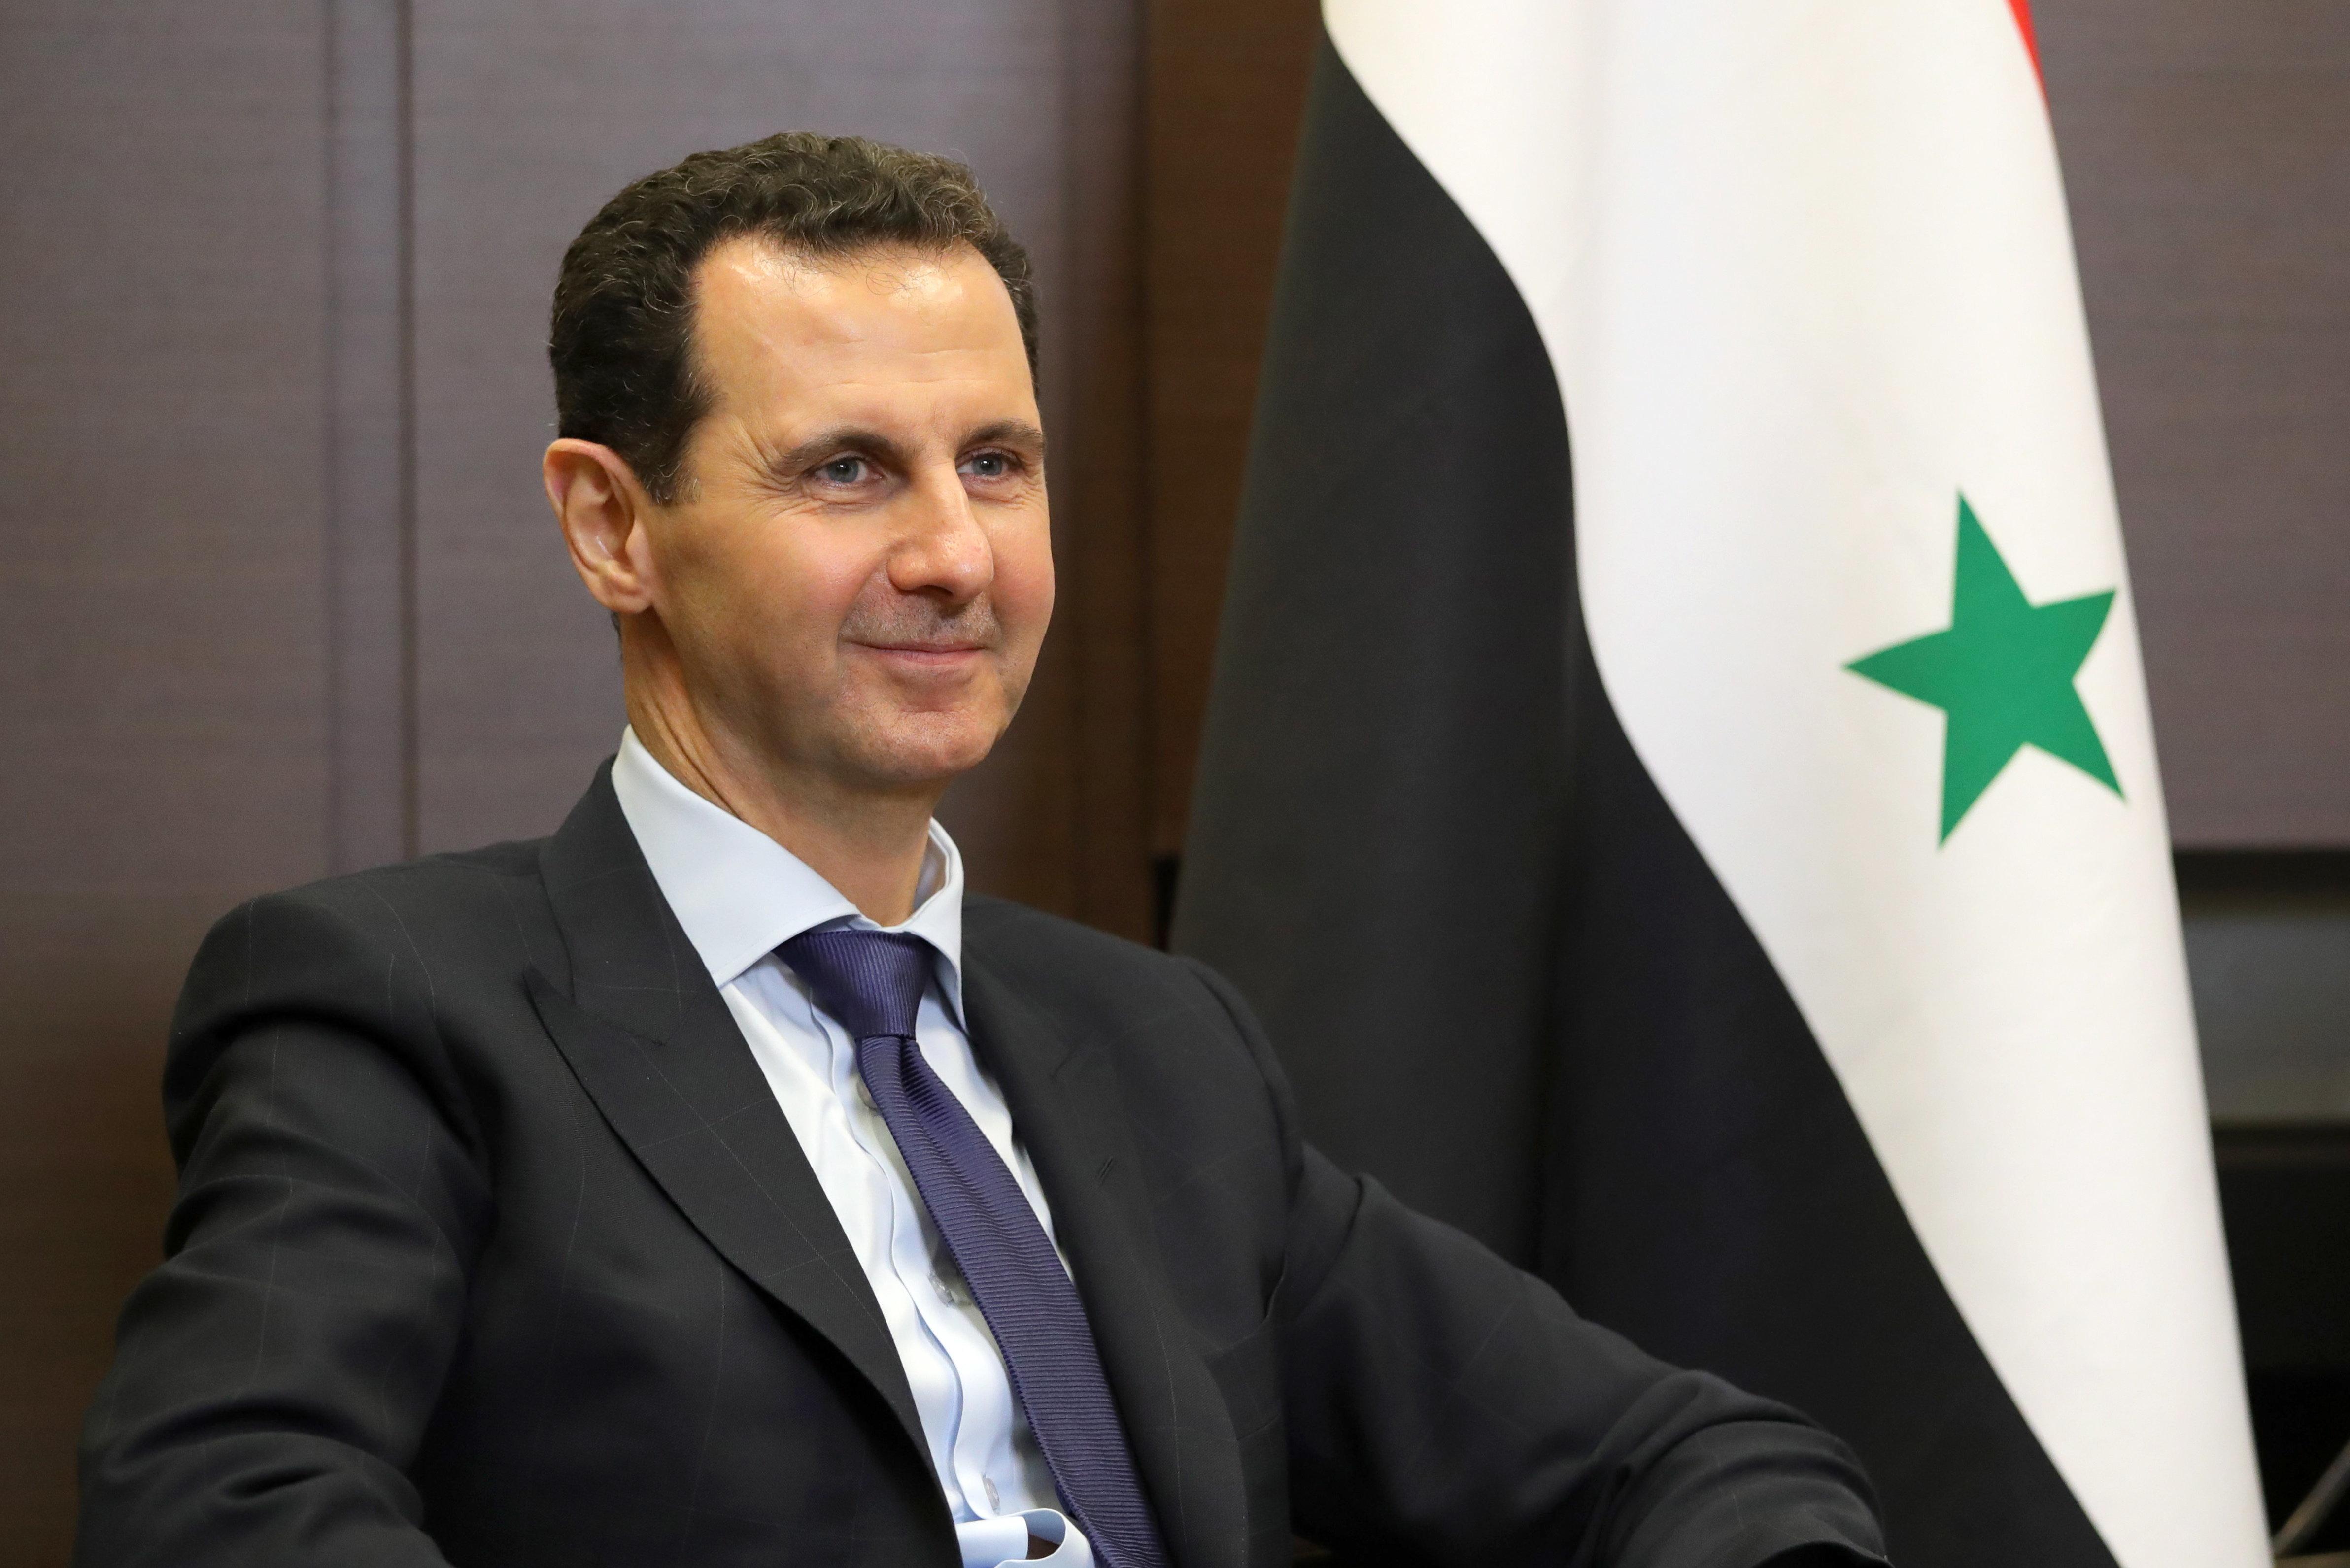 Non, la Tunisie n'a pas invité Bachar Al Assad au sommet de la Ligue